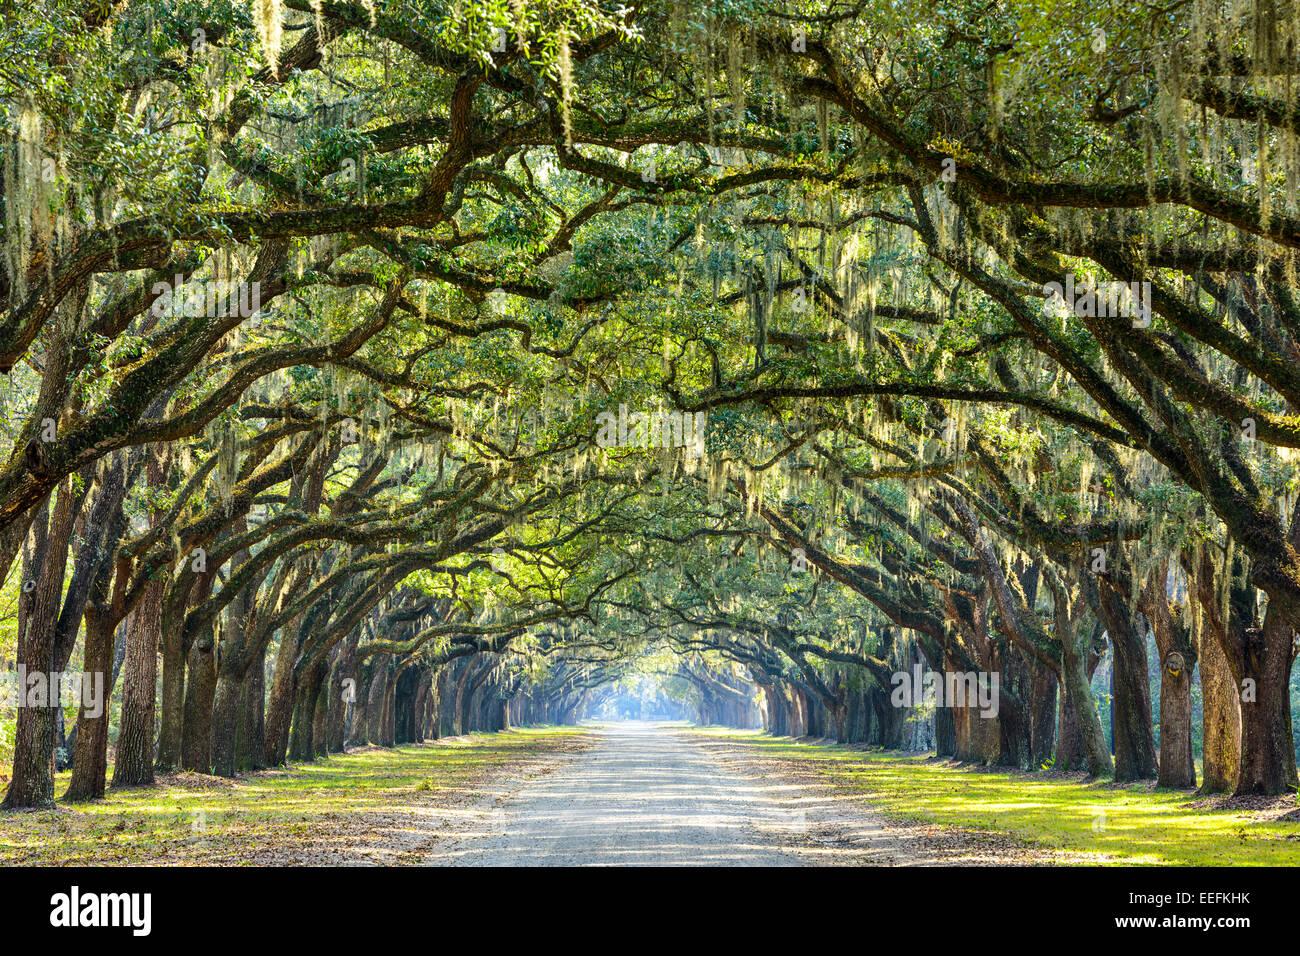 Savannah, Georgia, USA Eiche, von Bäumen gesäumten Straße im historischen Wormsloe Plantage. Stockfoto